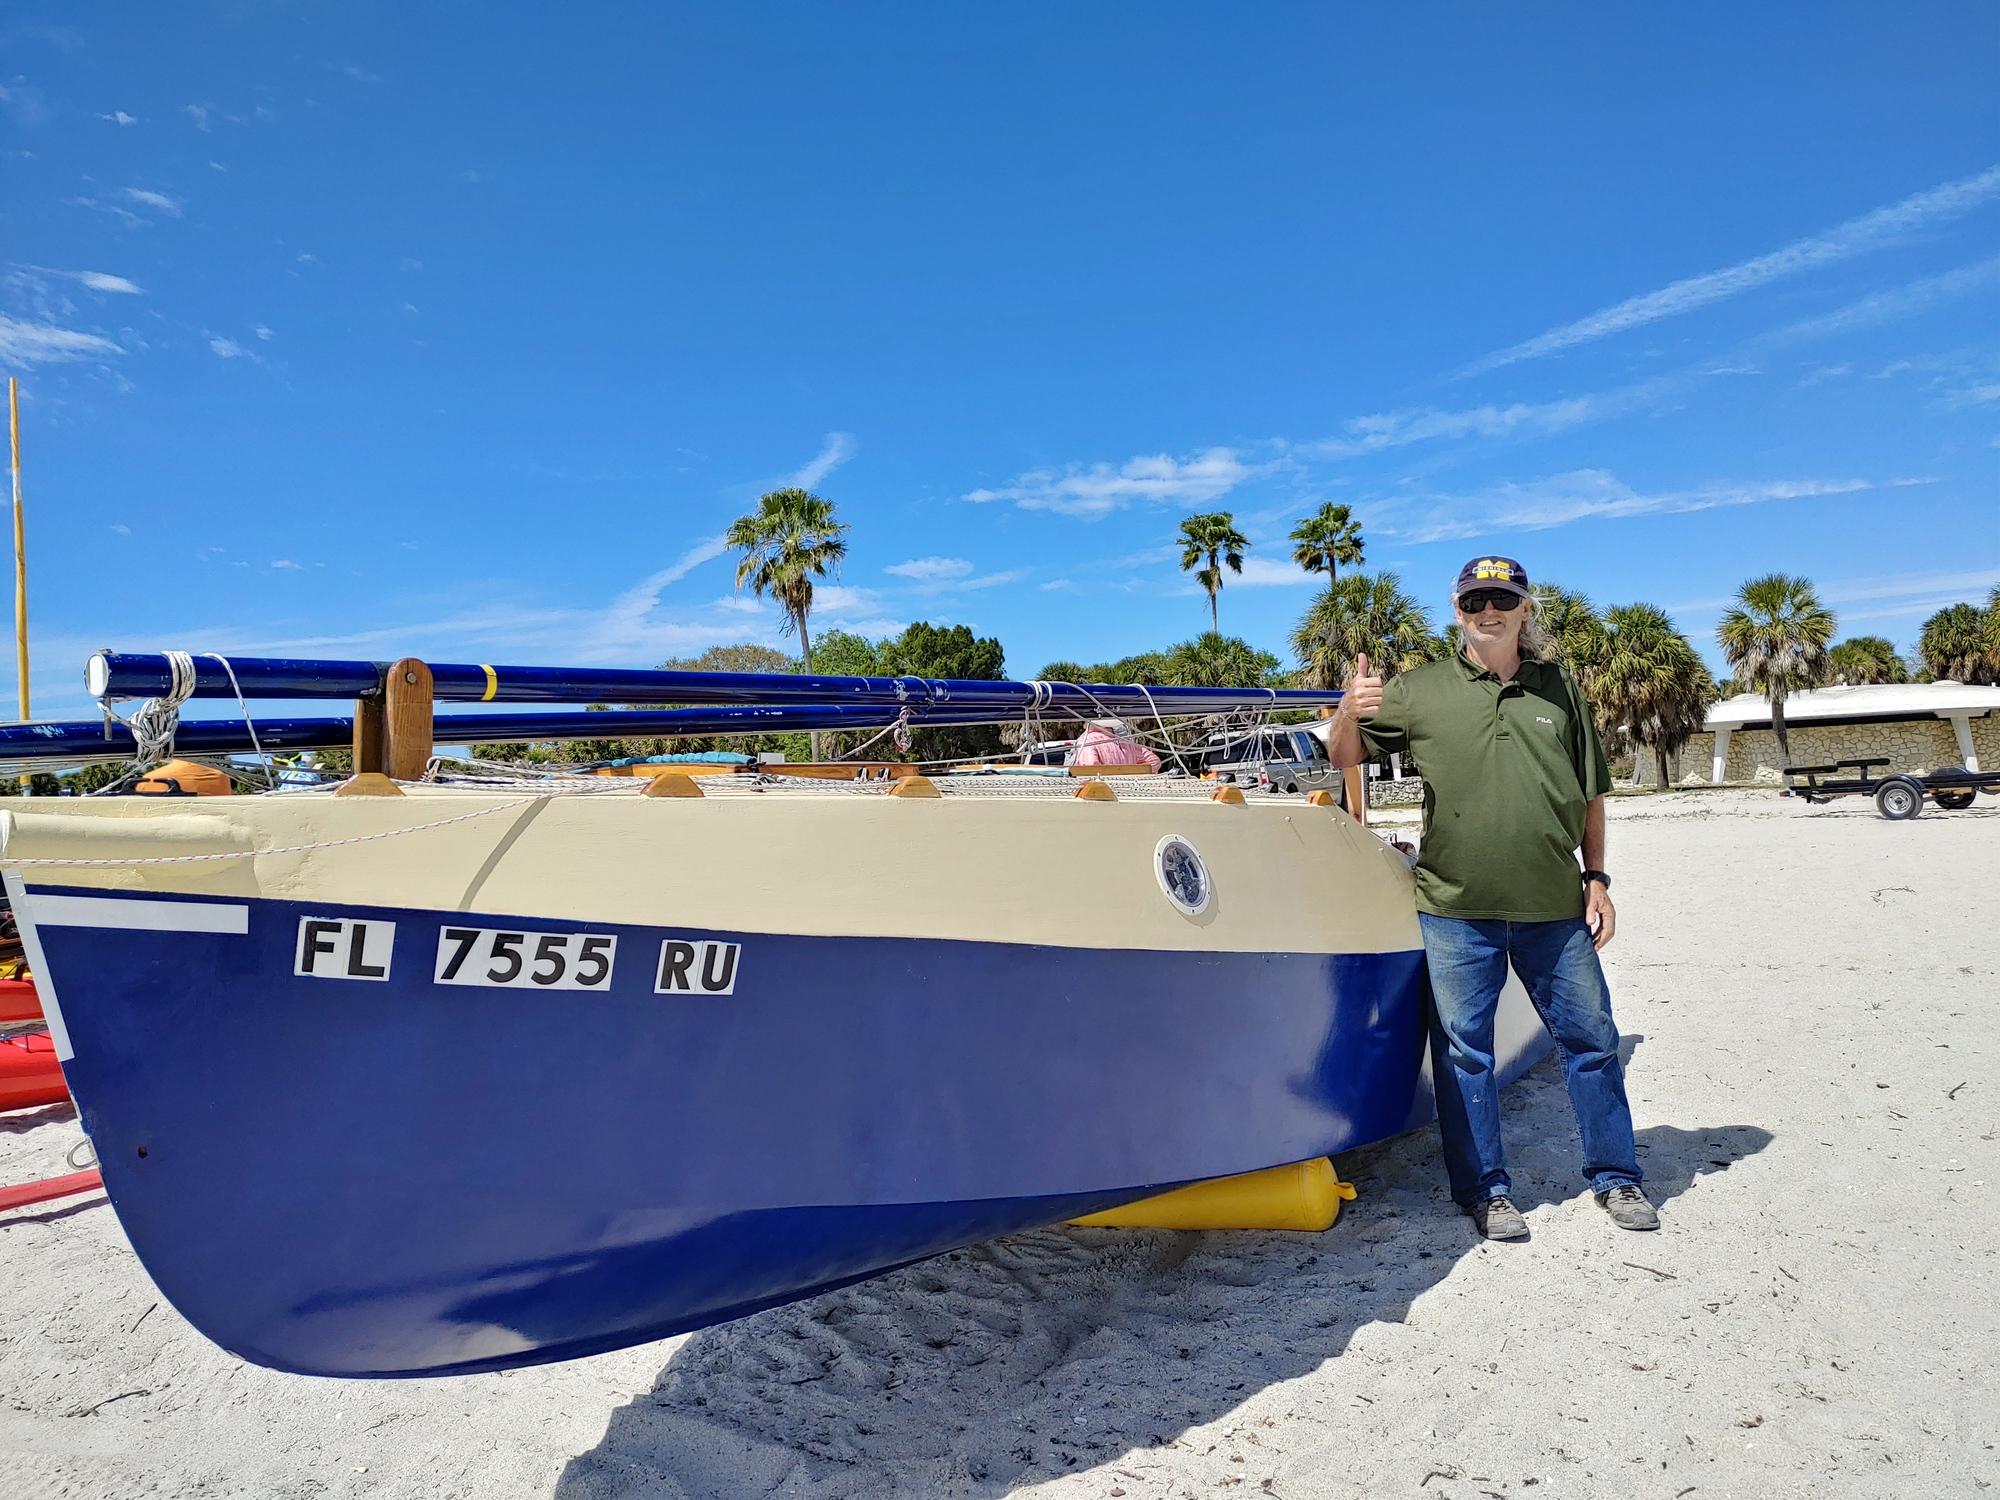 Missing Everglades Challenge boater